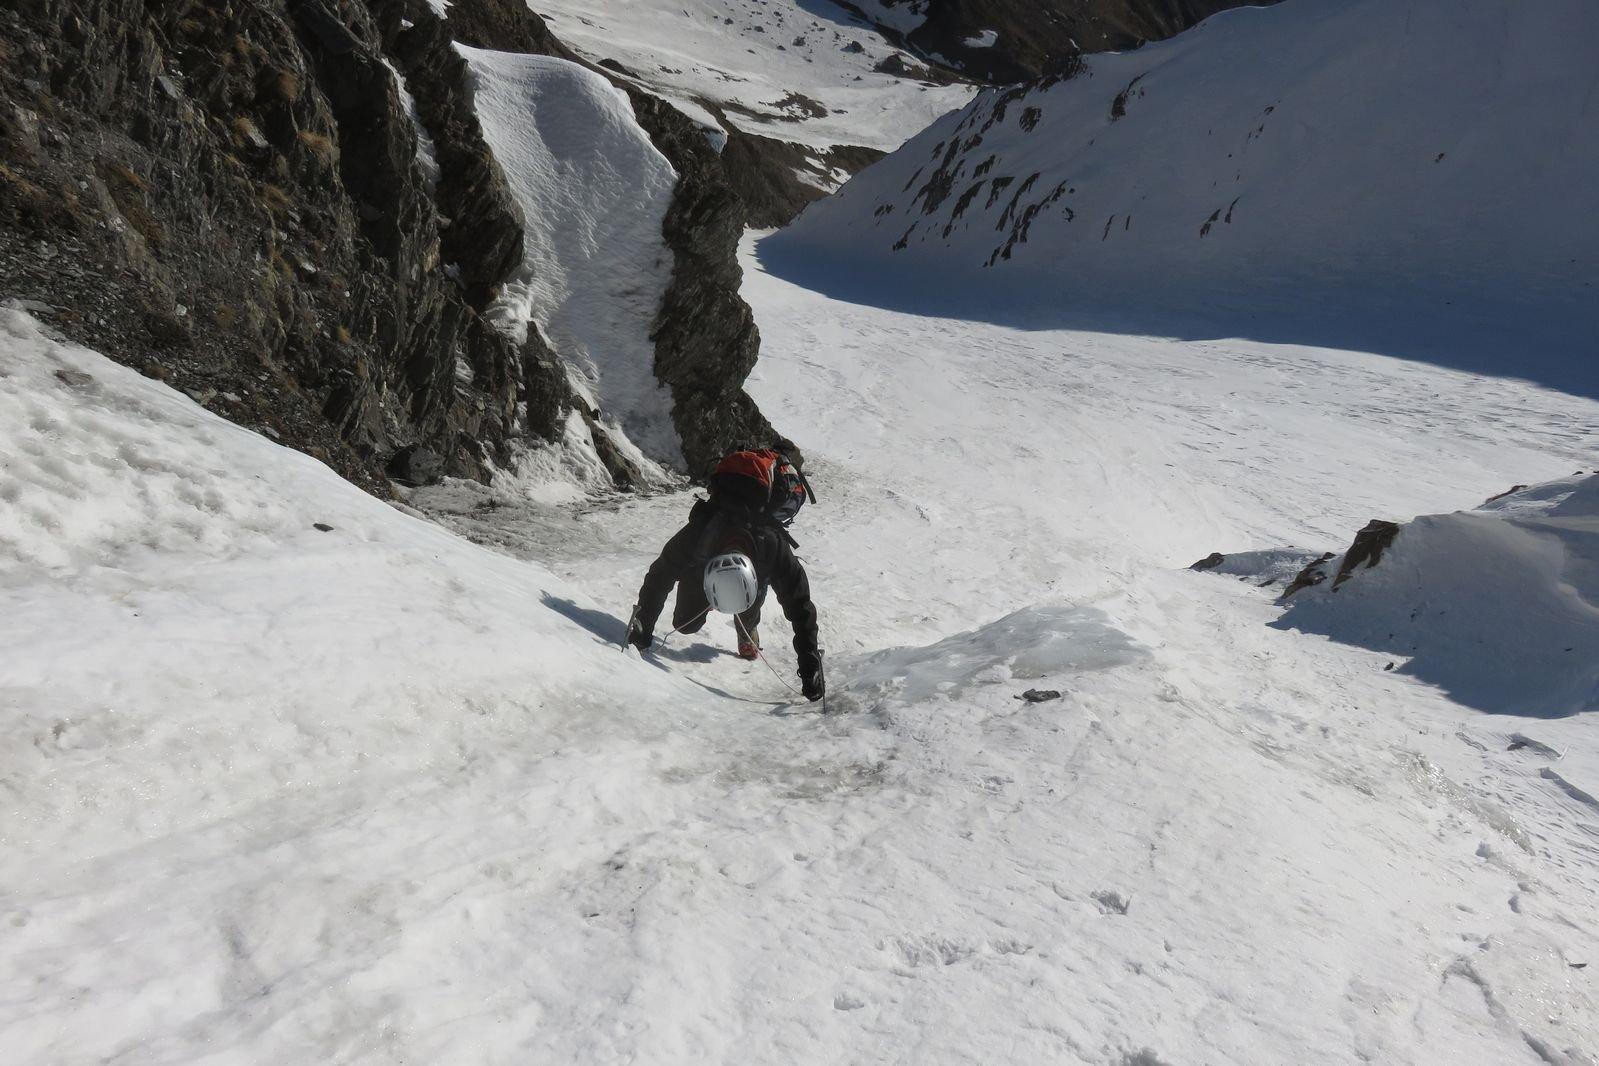 primo salto in ghiaccio al bivio con il canalone principale